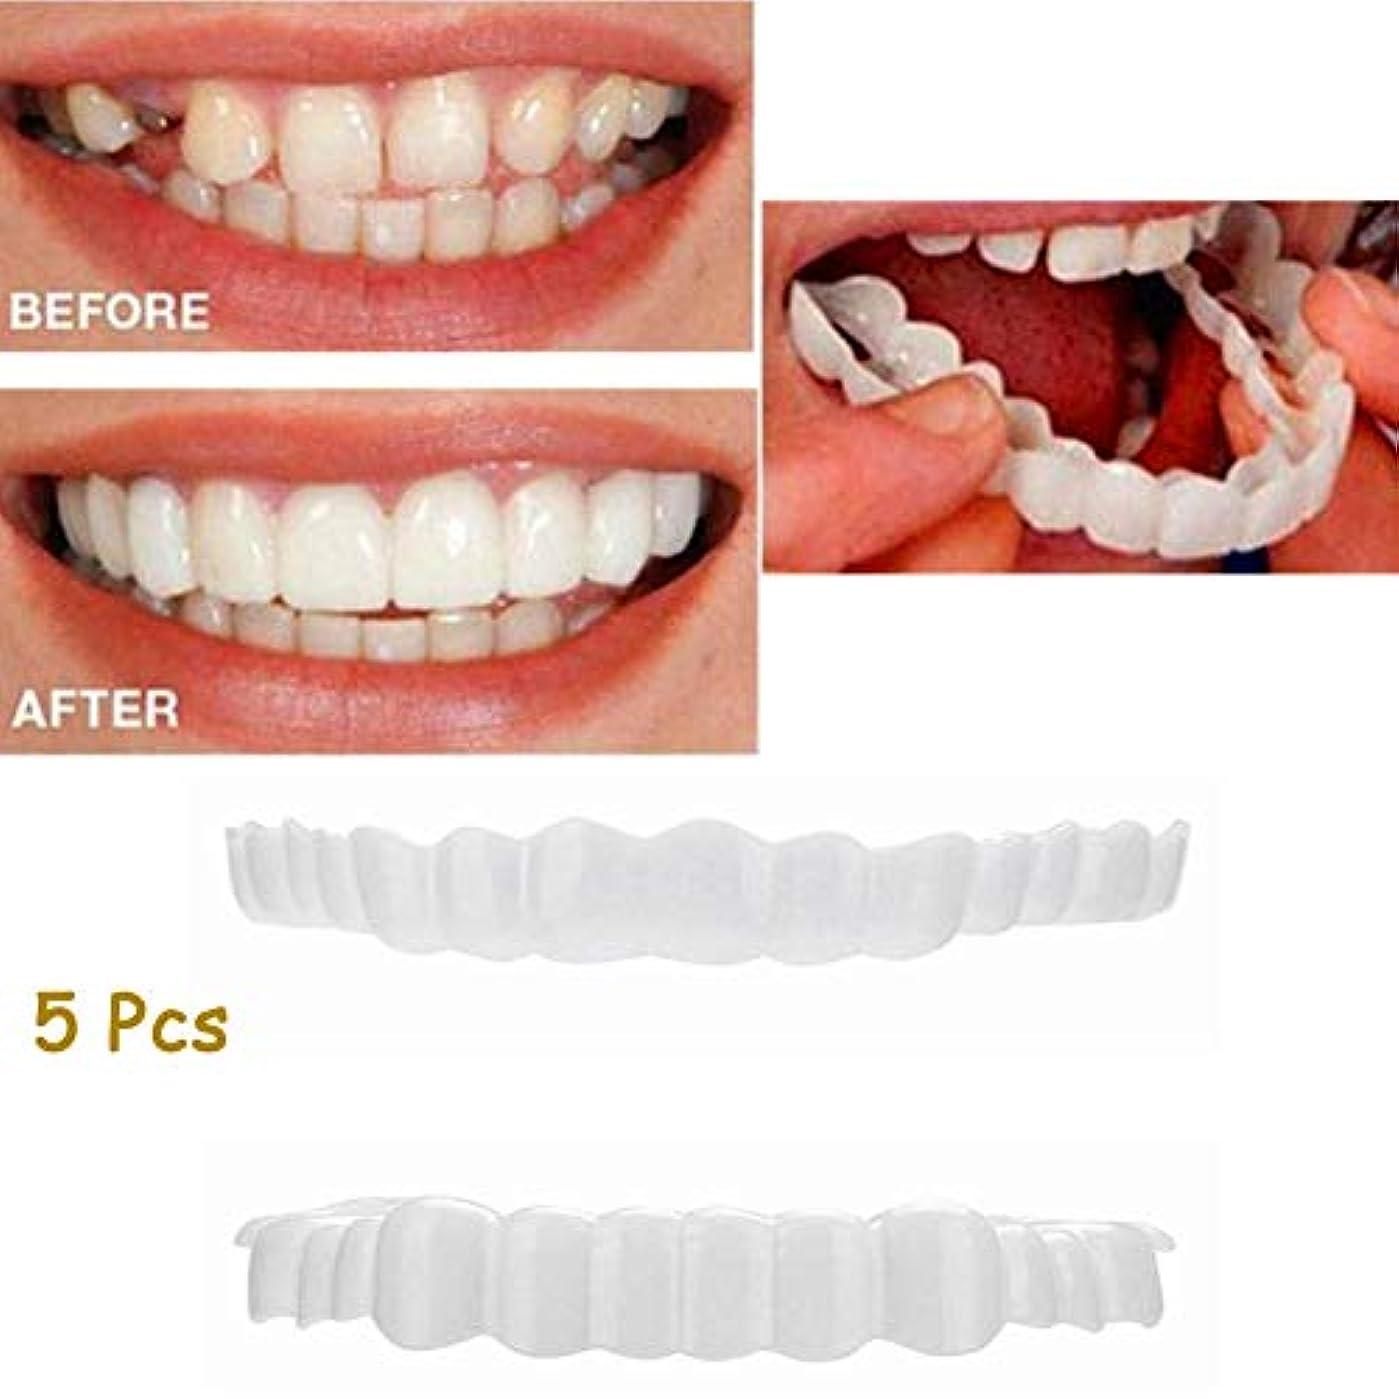 虫を数える複数モチーフ5ピース上歯+下歯セットインスタントパーフェクトコンフォートフィットフレックス化粧品歯入れ歯歯ホワイトニングスマイルフェイク歯